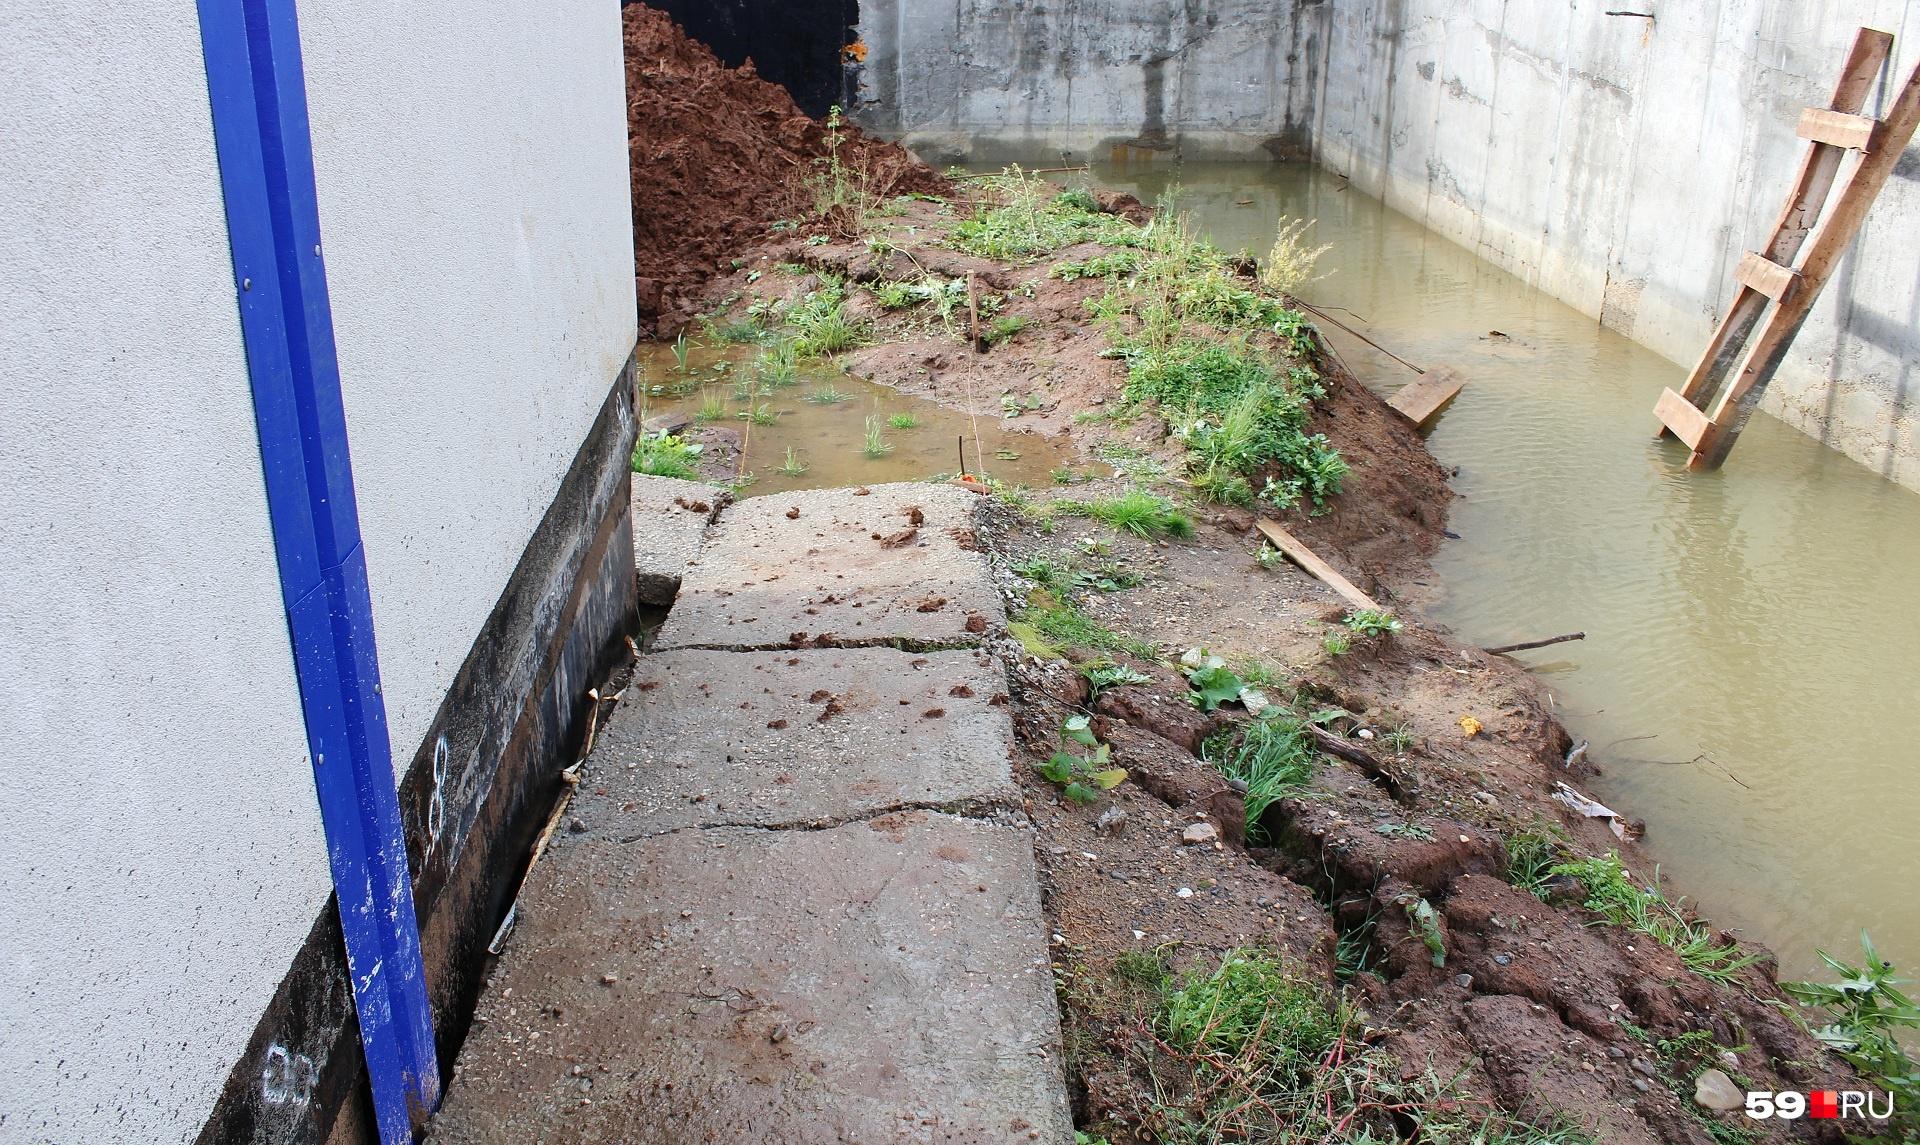 На самом деле эта бетонная дорожка изогнута дугой